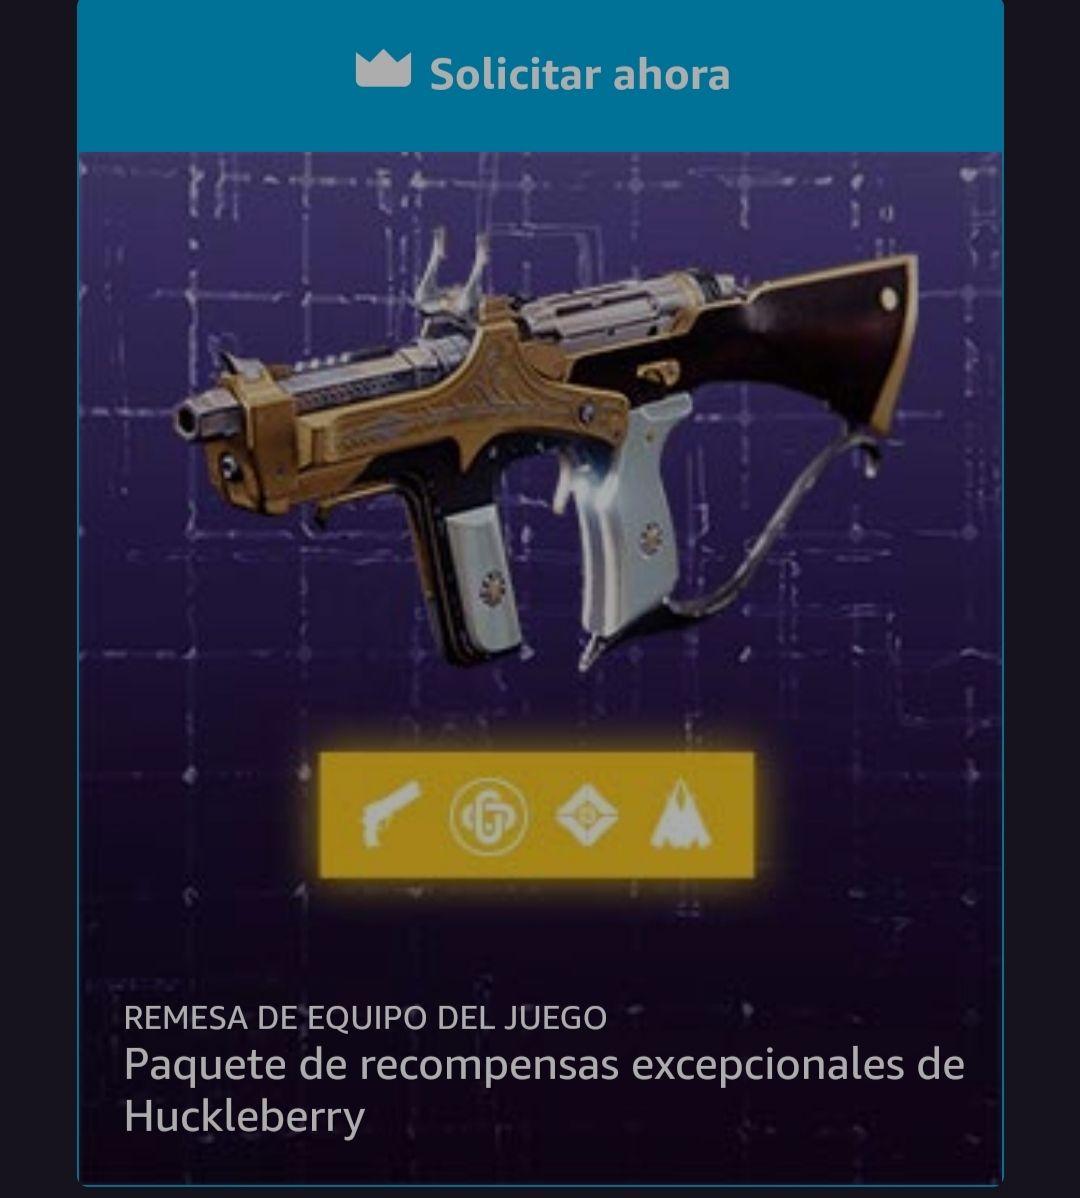 Prime Gaming: Recompensas Destiny 2